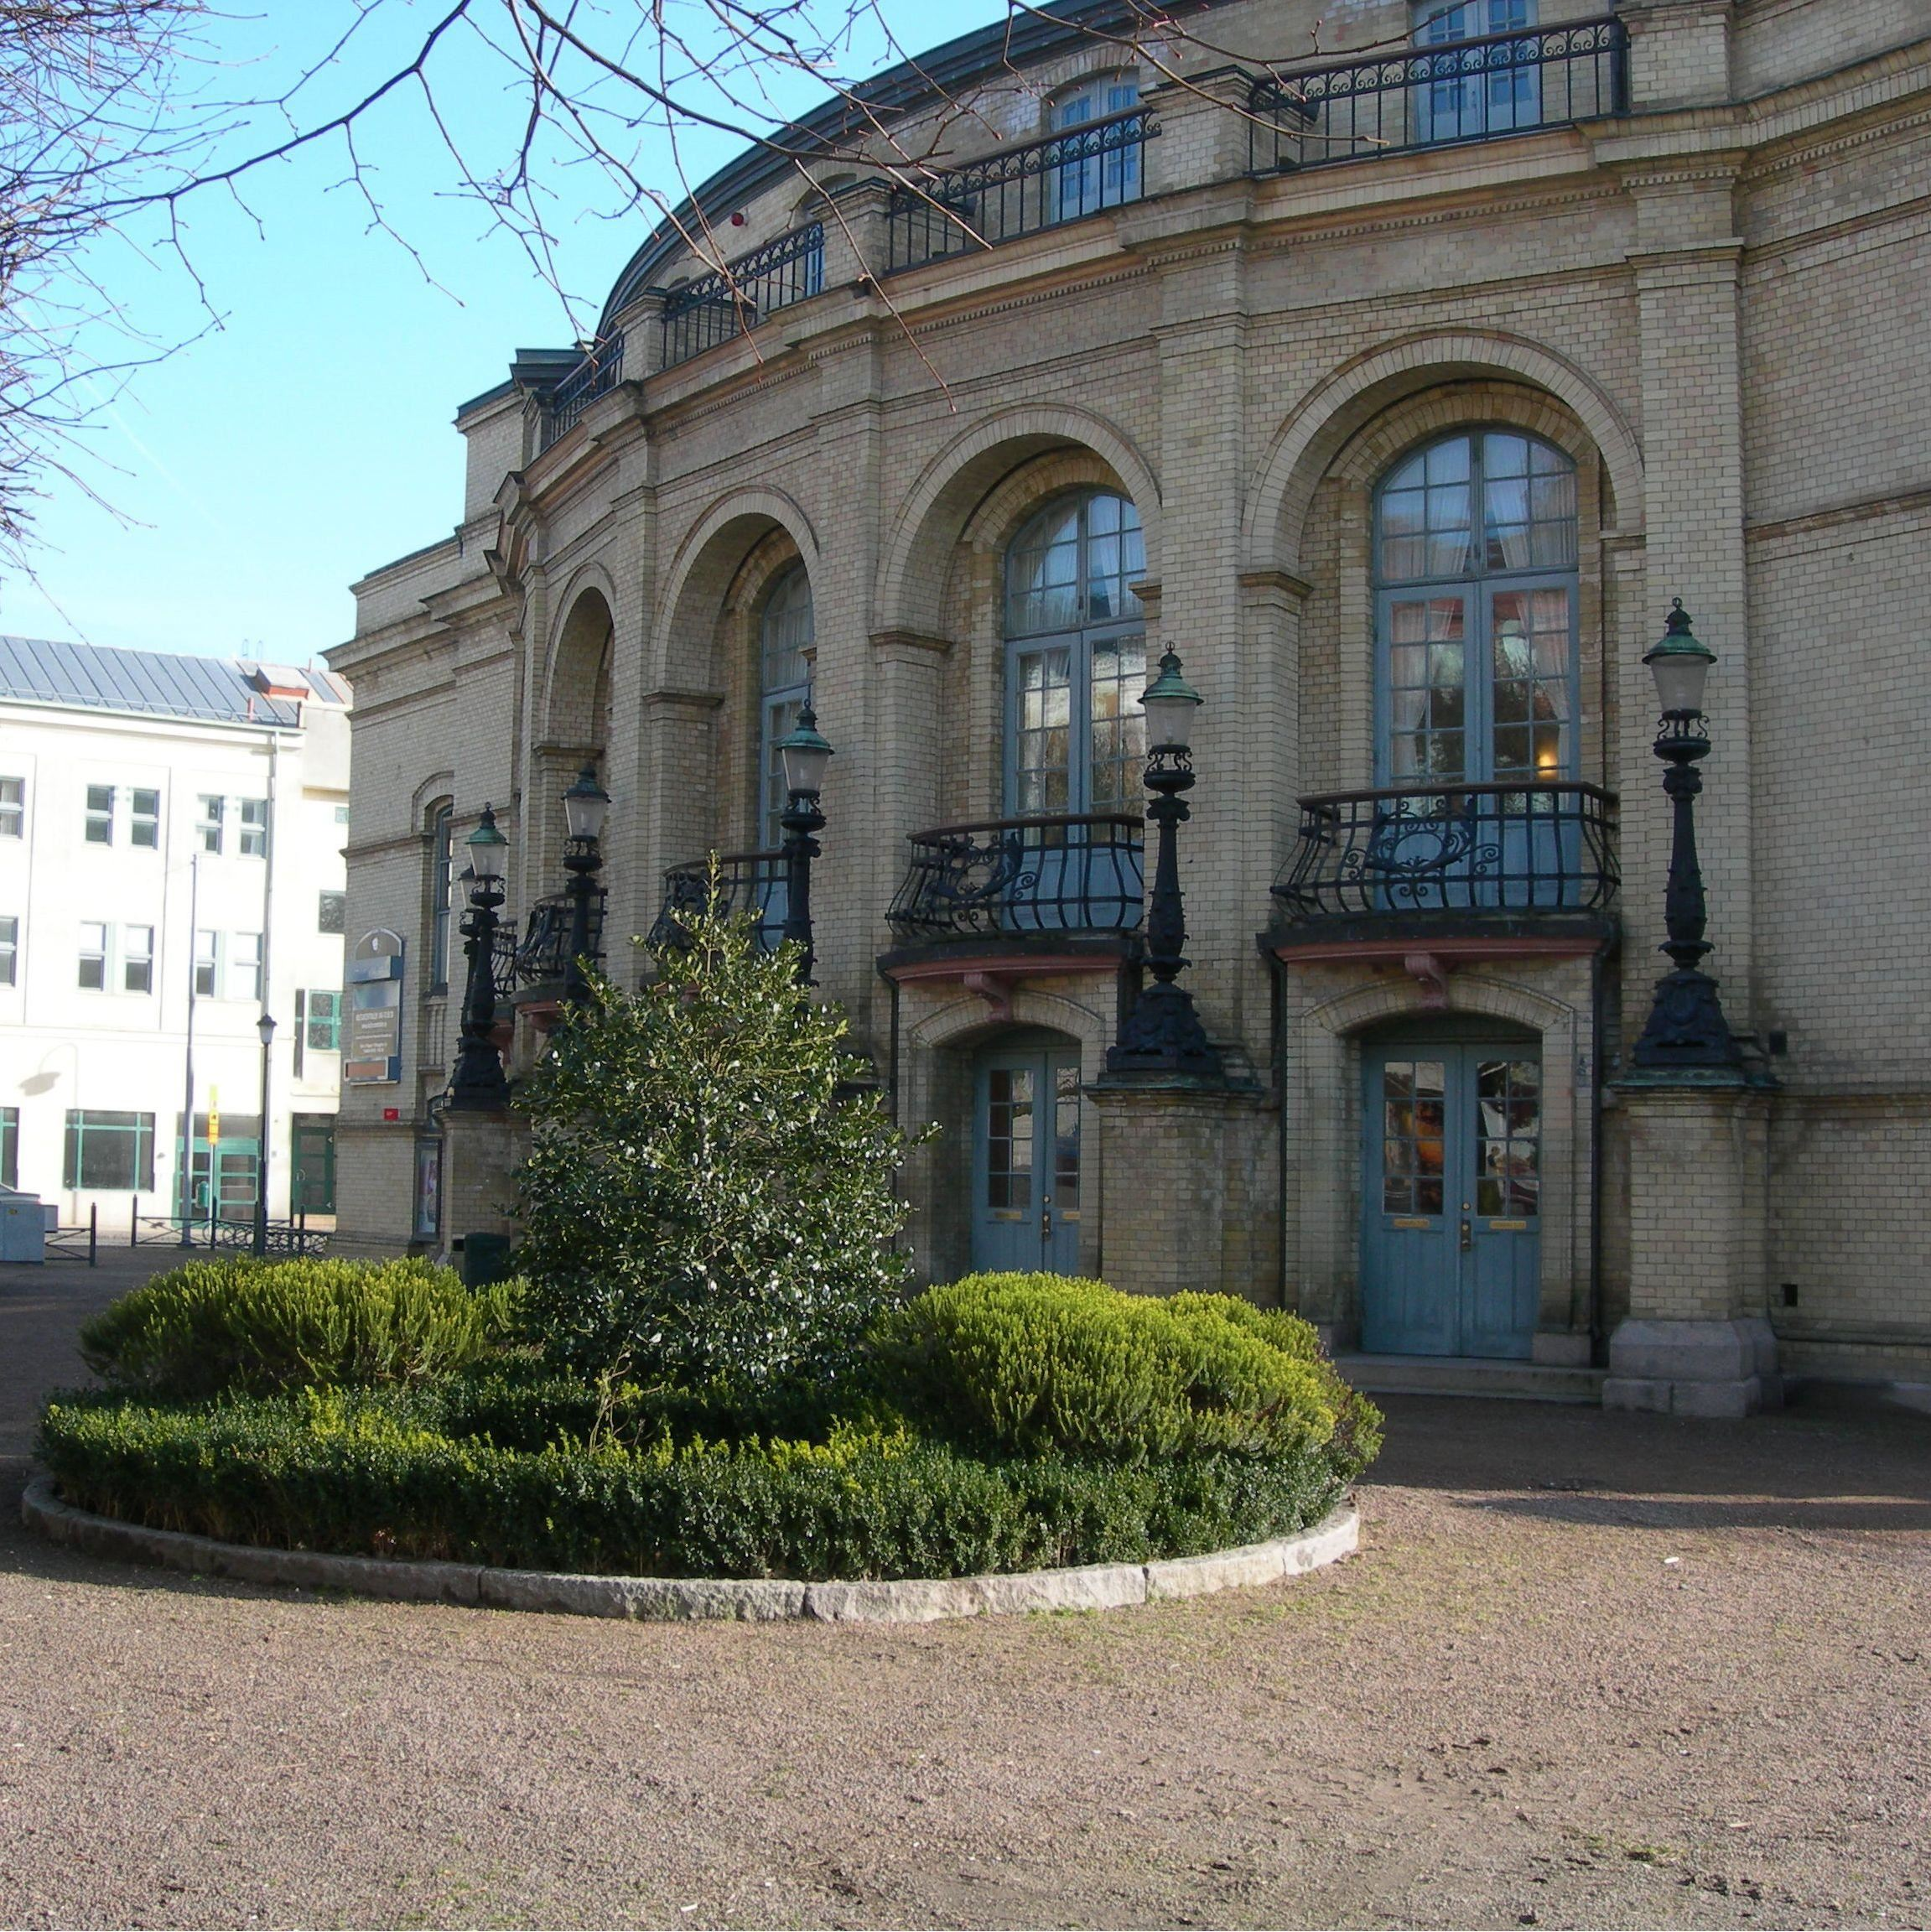 Foto: Turistbyrån Landskrona - Ven, Theater Landskrona